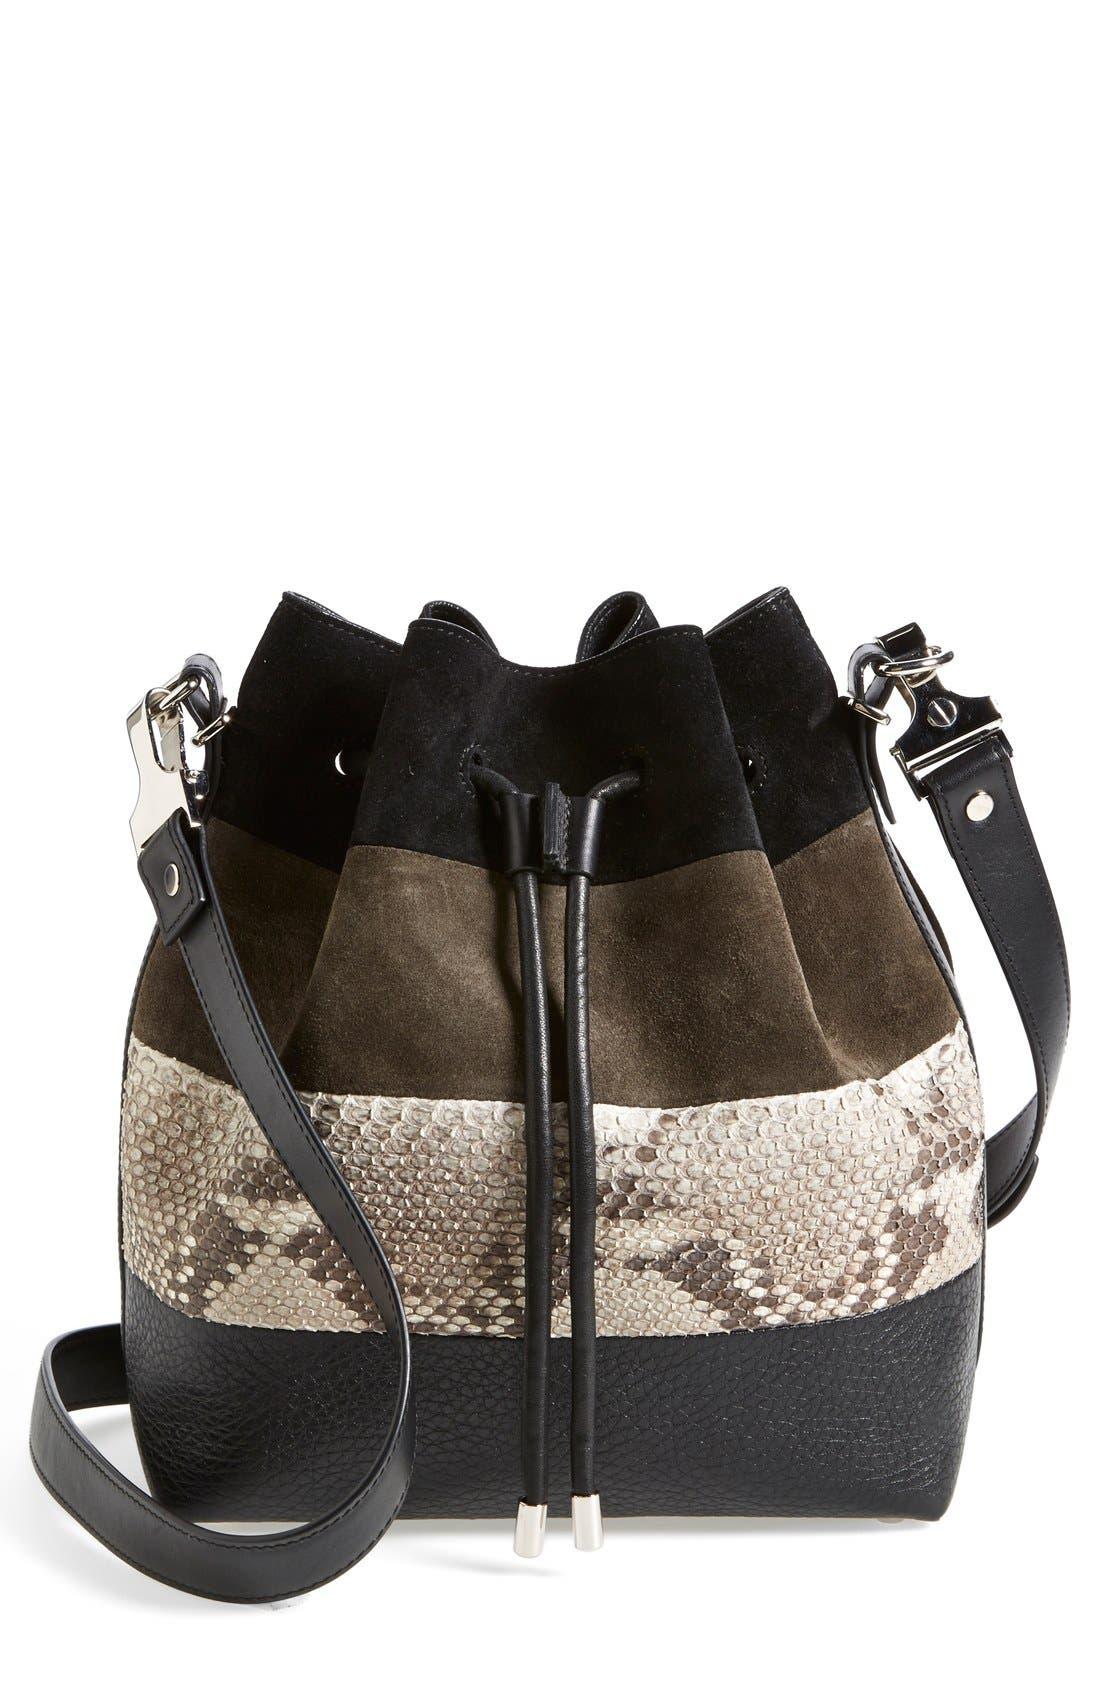 Alternate Image 1 Selected - Proenza Schouler 'Medium' Suede & Genuine Snakeskin Bucket Bag